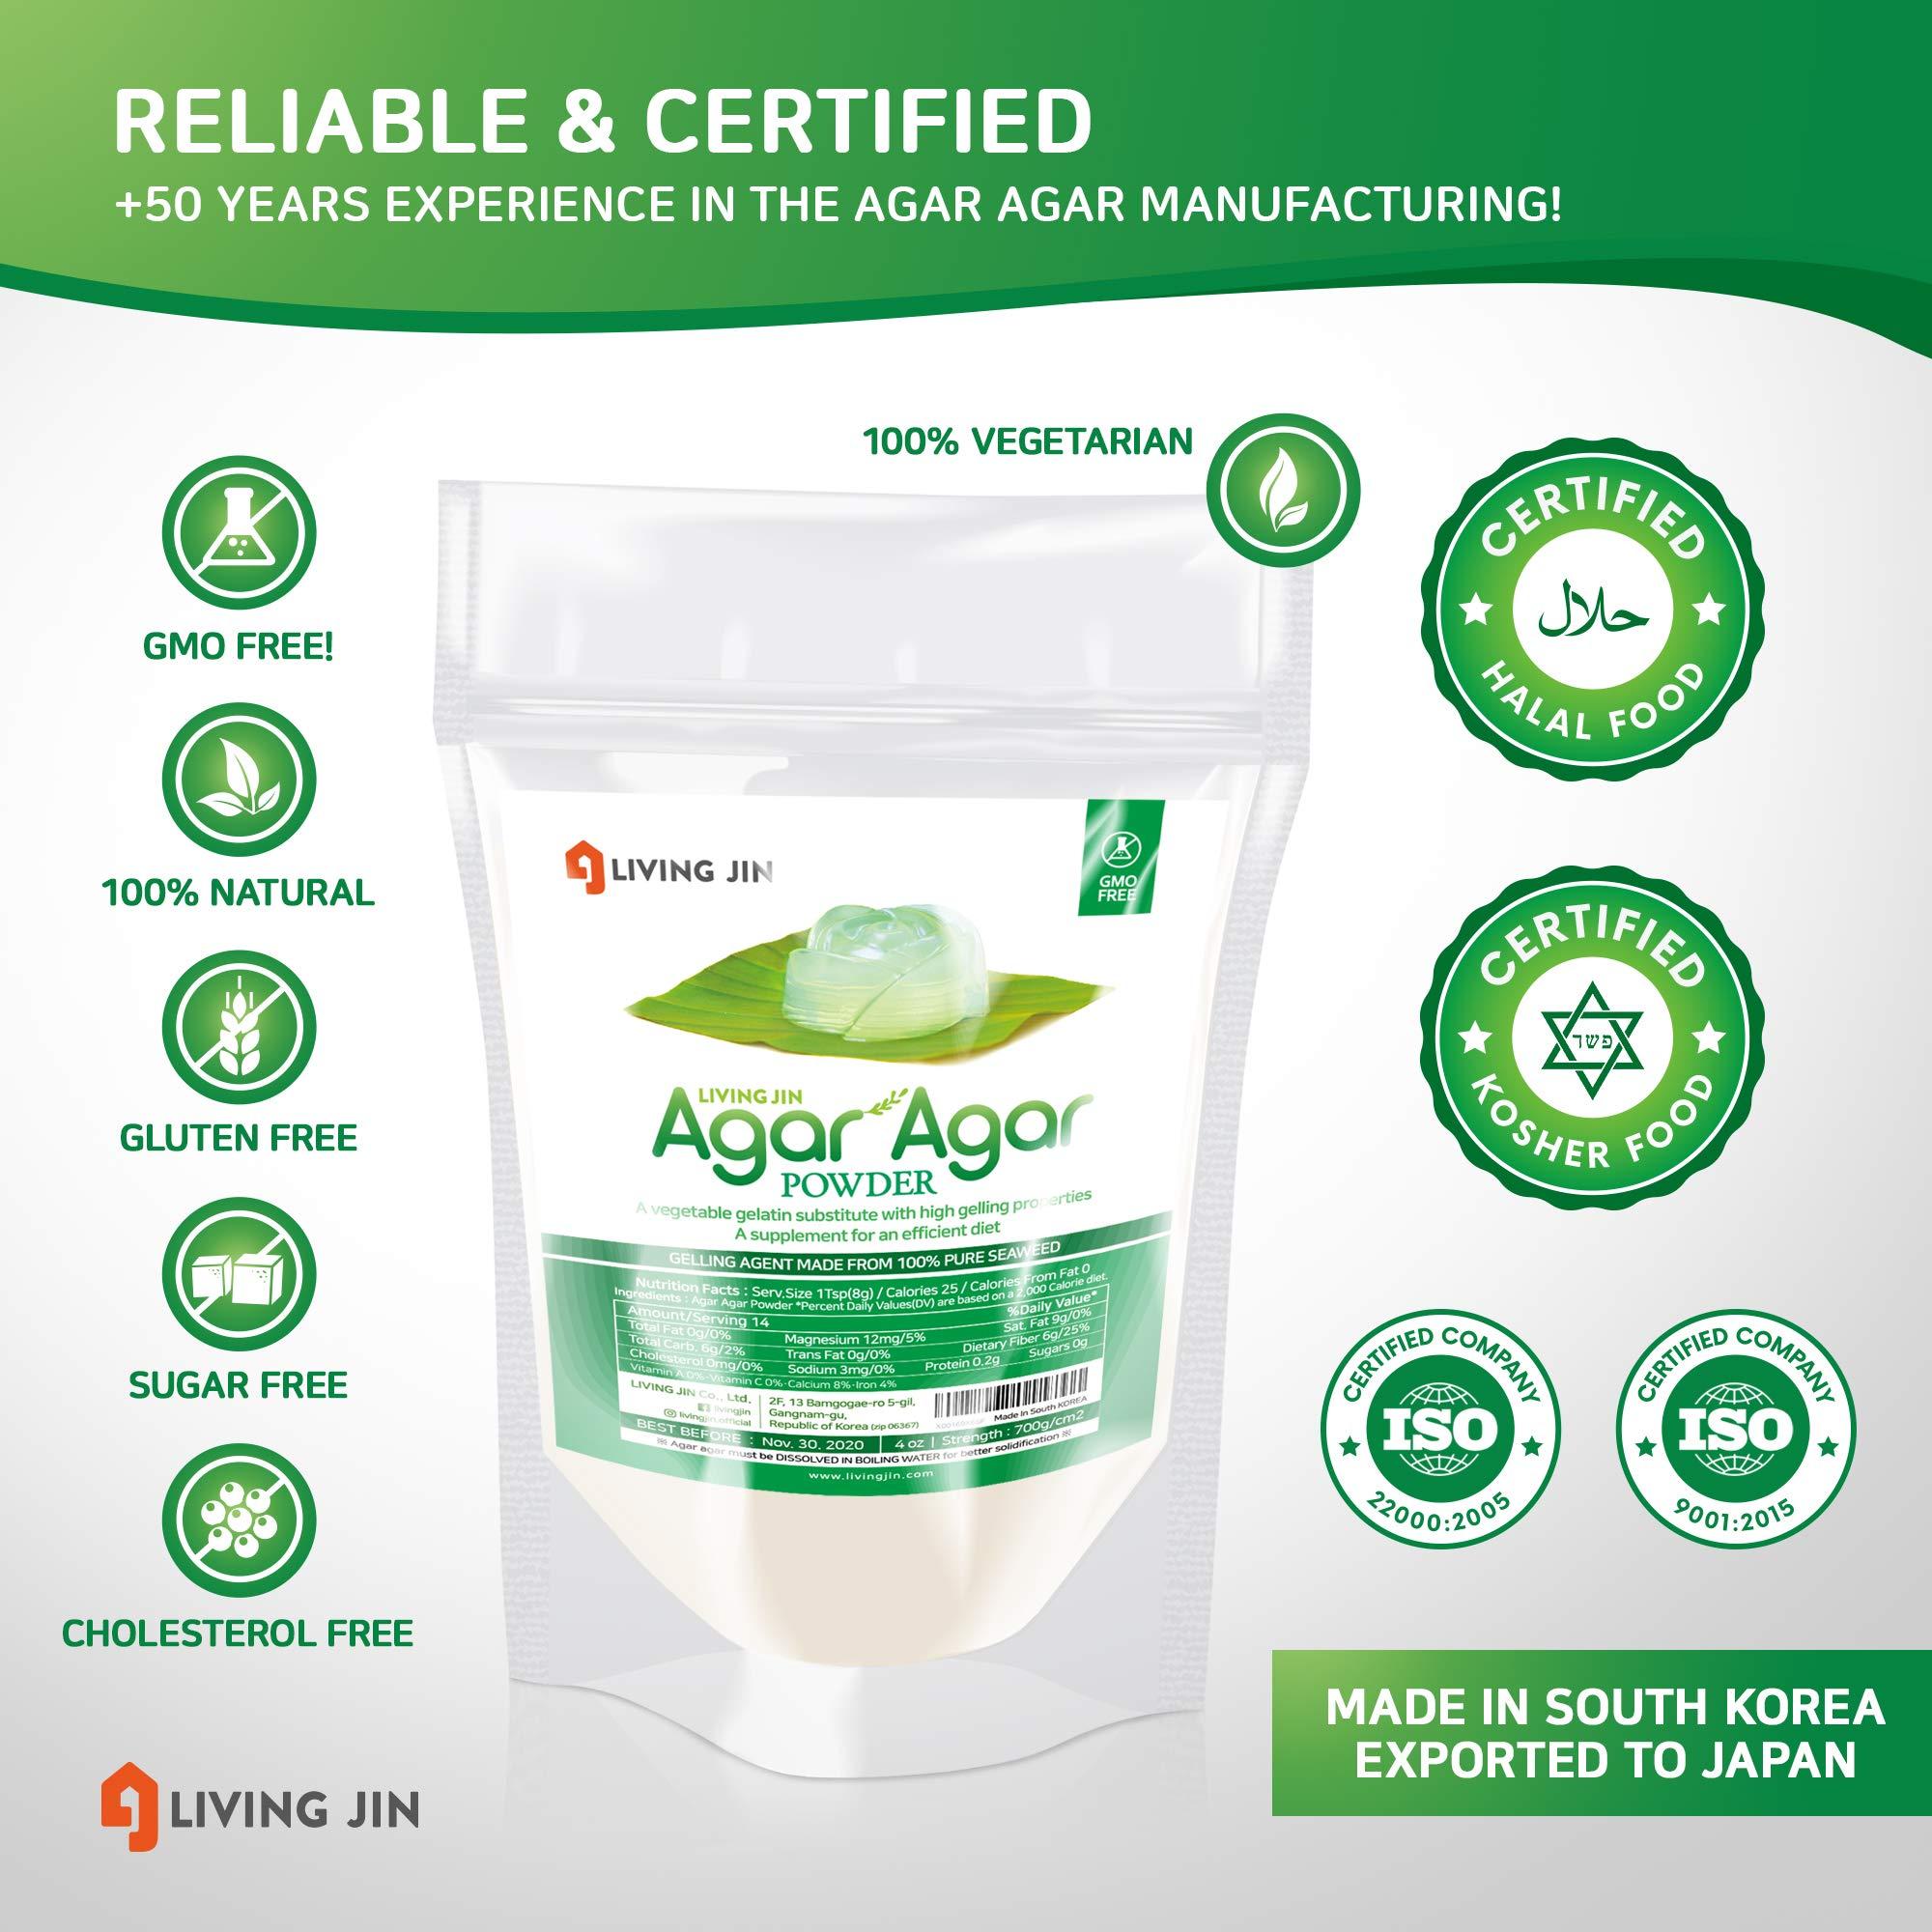 LIVING JIN Agar Agar Powder 12oz (or 4oz | 28oz) : Vegetable Gelatin Powder Dietary Fiber [100% Natural Seaweed + Non GMO + VEGAN + VEGETARIAN + KOSHER + HALAL] by LIVING JIN (Image #4)